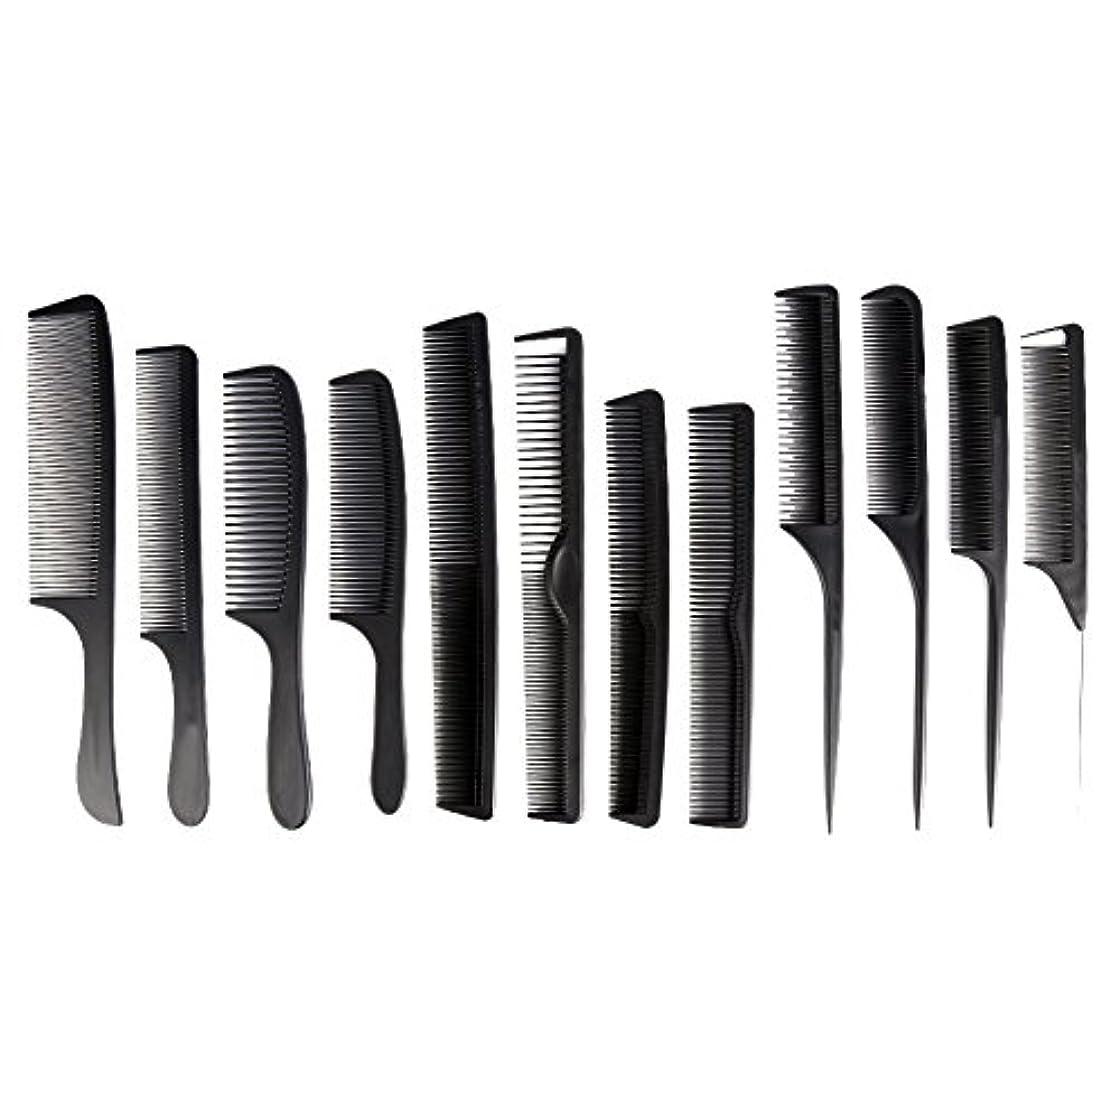 広範囲賄賂標準カットコーム 散髪用コーム コームセット12点セット プロ用ヘアコーム  静電気減少 軽量 サロン/美容室/床屋など適用